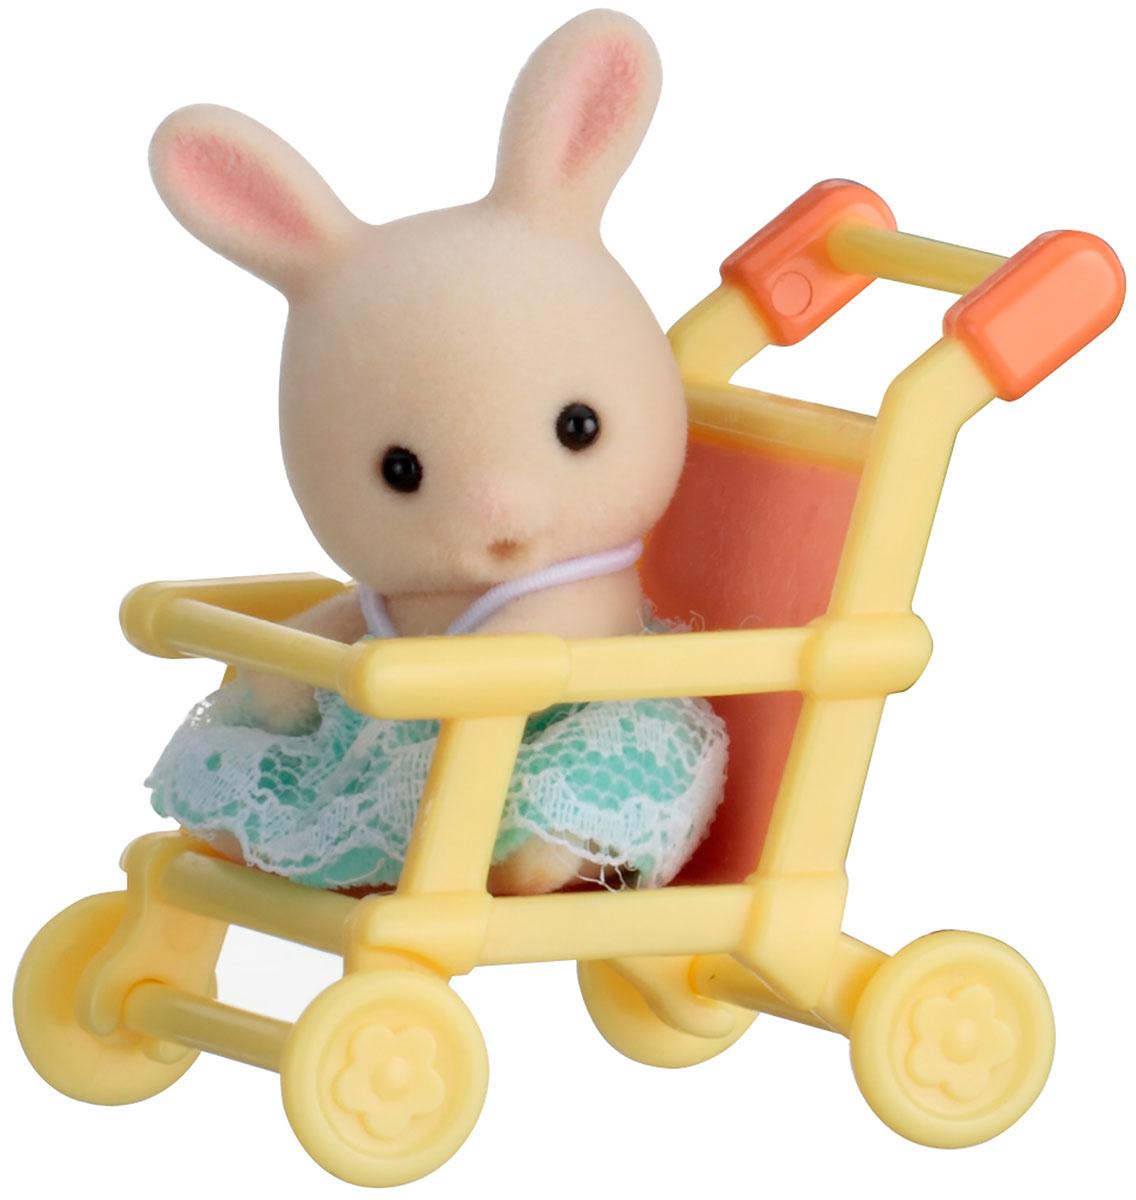 Sylvanian Families Фигурка Малыш кролик в коляске5200Фигурка Sylvanian Families Малыш кролик в коляске - это увлекательная игрушка, которая понравится вашему ребенку. Фигурка может стать частью большой игры с другими элементами серии Sylvanian или другими игрушками. Серия создана для развития творческих способностей и основных социальных направлений развития ребенка. Ребенок может брать игрушку с собой на прогулку или поездку в автомобиле. Такие игрушки отлично развивают мелкую моторику рук, фантазию, логическое и пространственное мышление. Все элементы выполнены с невероятной тщательностью из безопасных материалов. Компания Sylvanian Families была основана в 1985 году, в Японии. Sylvanian Families очень популярна в Европе и Азии и, за долгие годы существования, компания смогла добиться больших успехов. 3 года подряд в Англии бренд Sylvanian Families был признан Игрушкой Года. Сегодня у героев Sylvanian Families есть собственное шоу, полнометражный мультфильм и сеть ресторанов, работающая по...